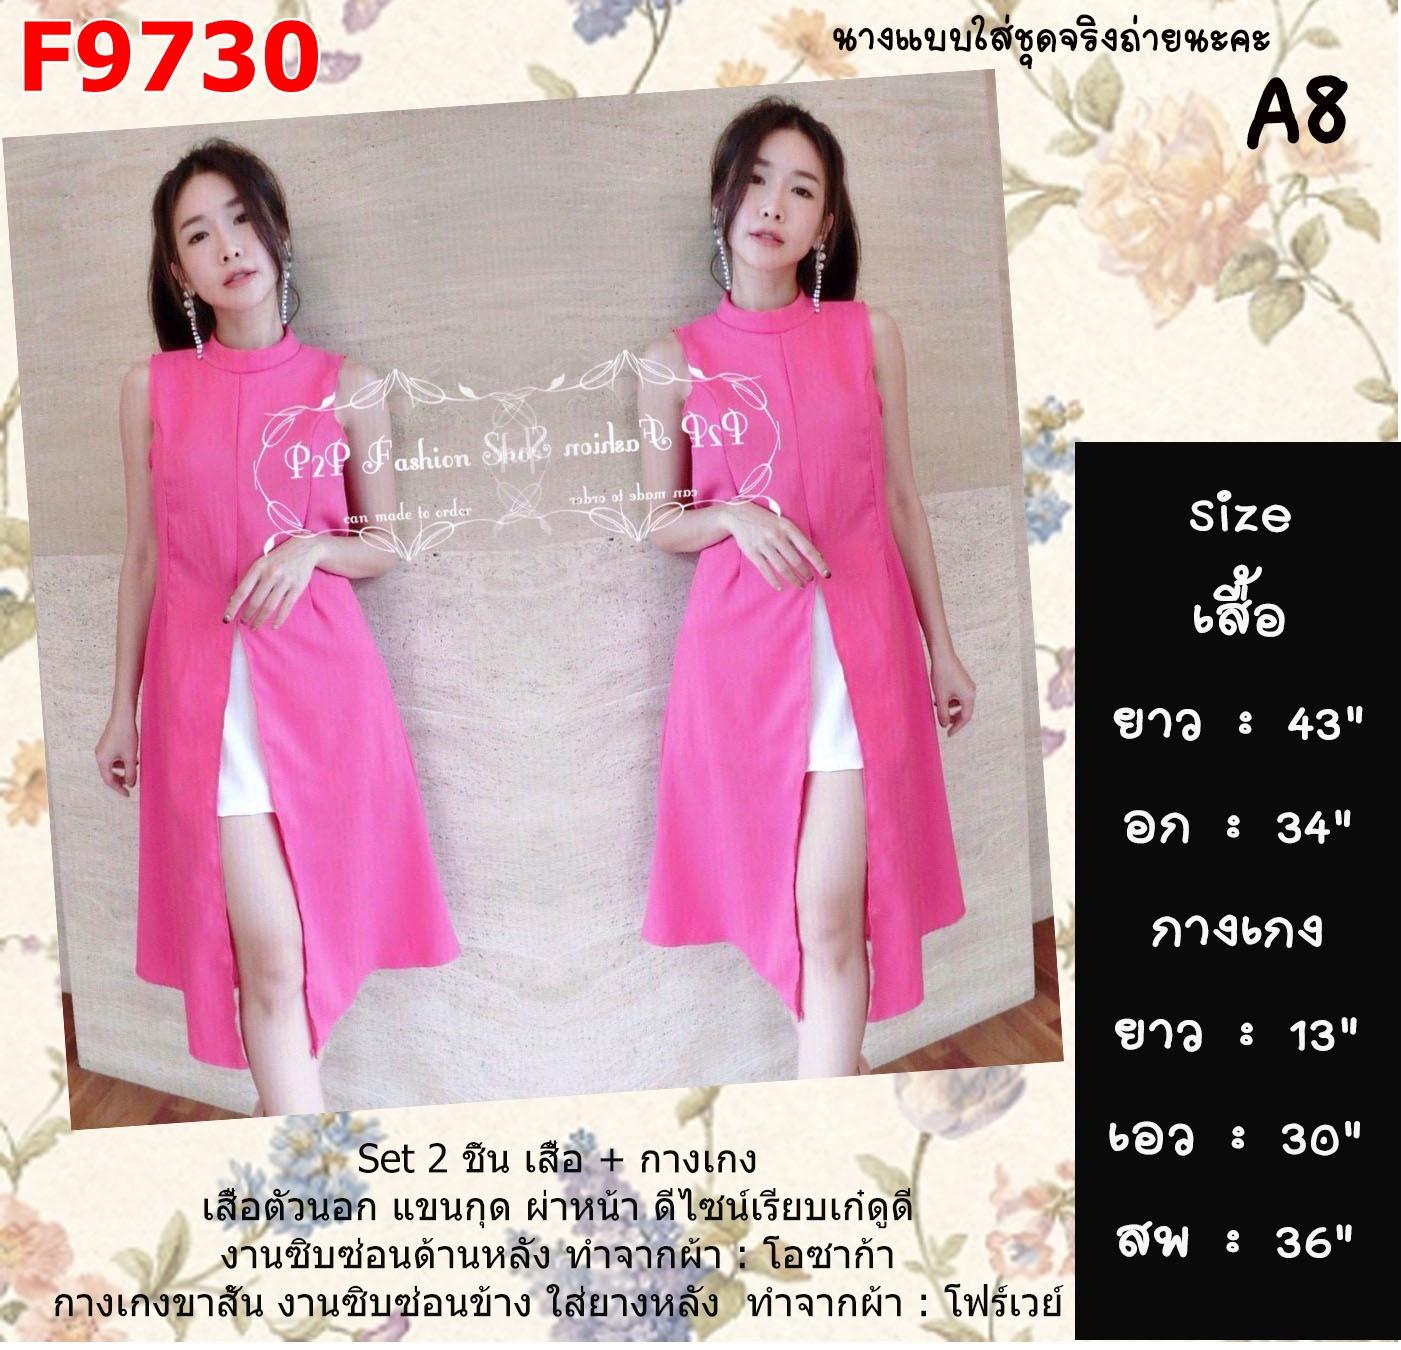 F9730 Set 2 Pieces เสื้อแขนกุดตัวยาว ผ่าหน้า สีชมพู + กางเกงขาสั้น